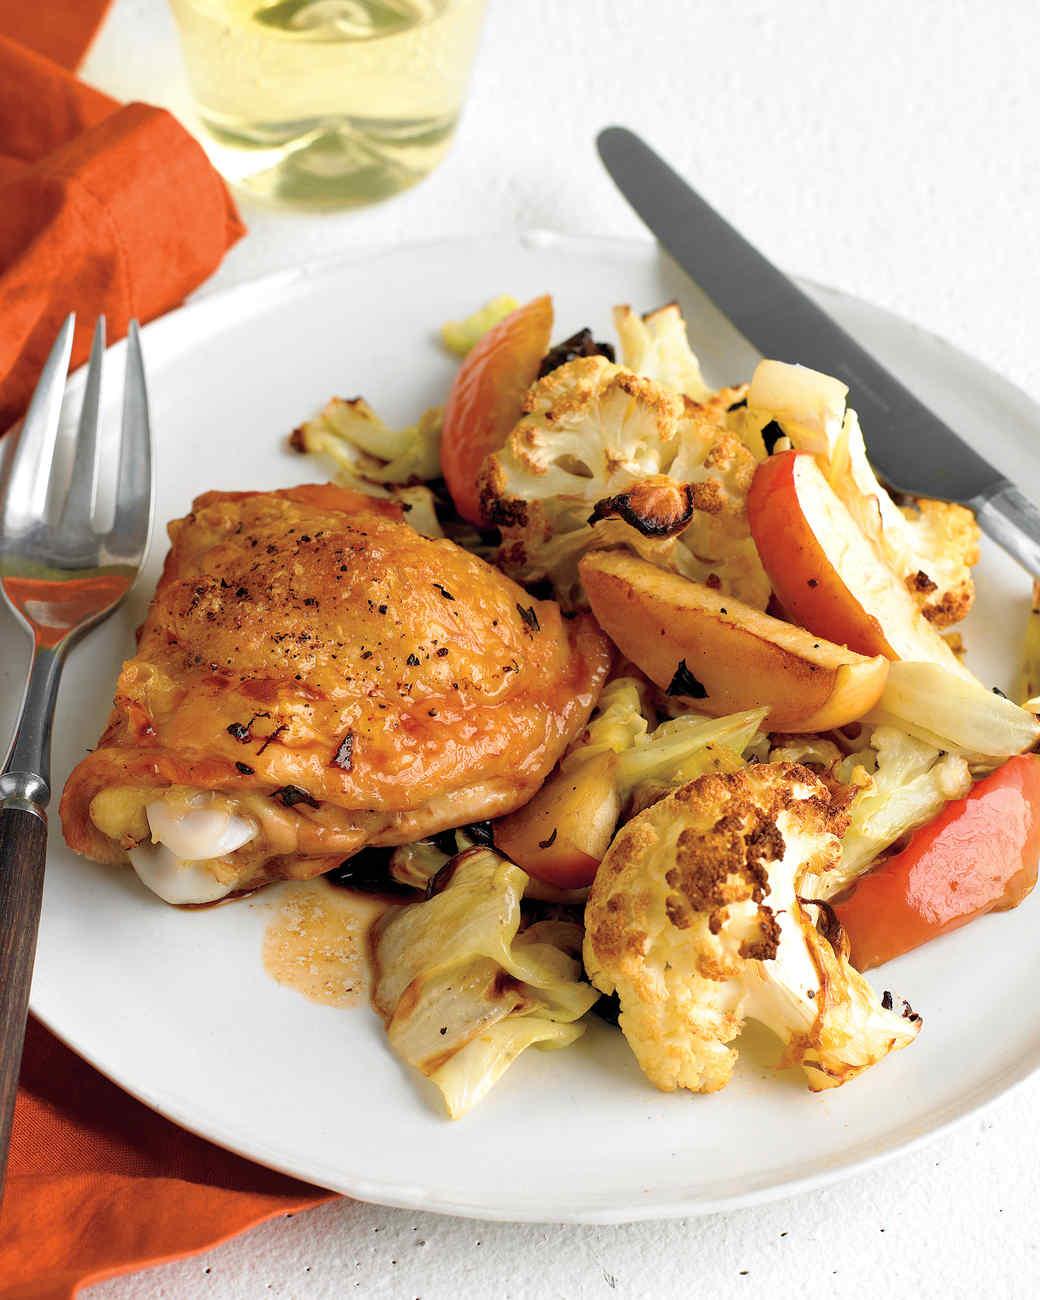 med106010_1010_bag_chicken_cauliflower.jpg